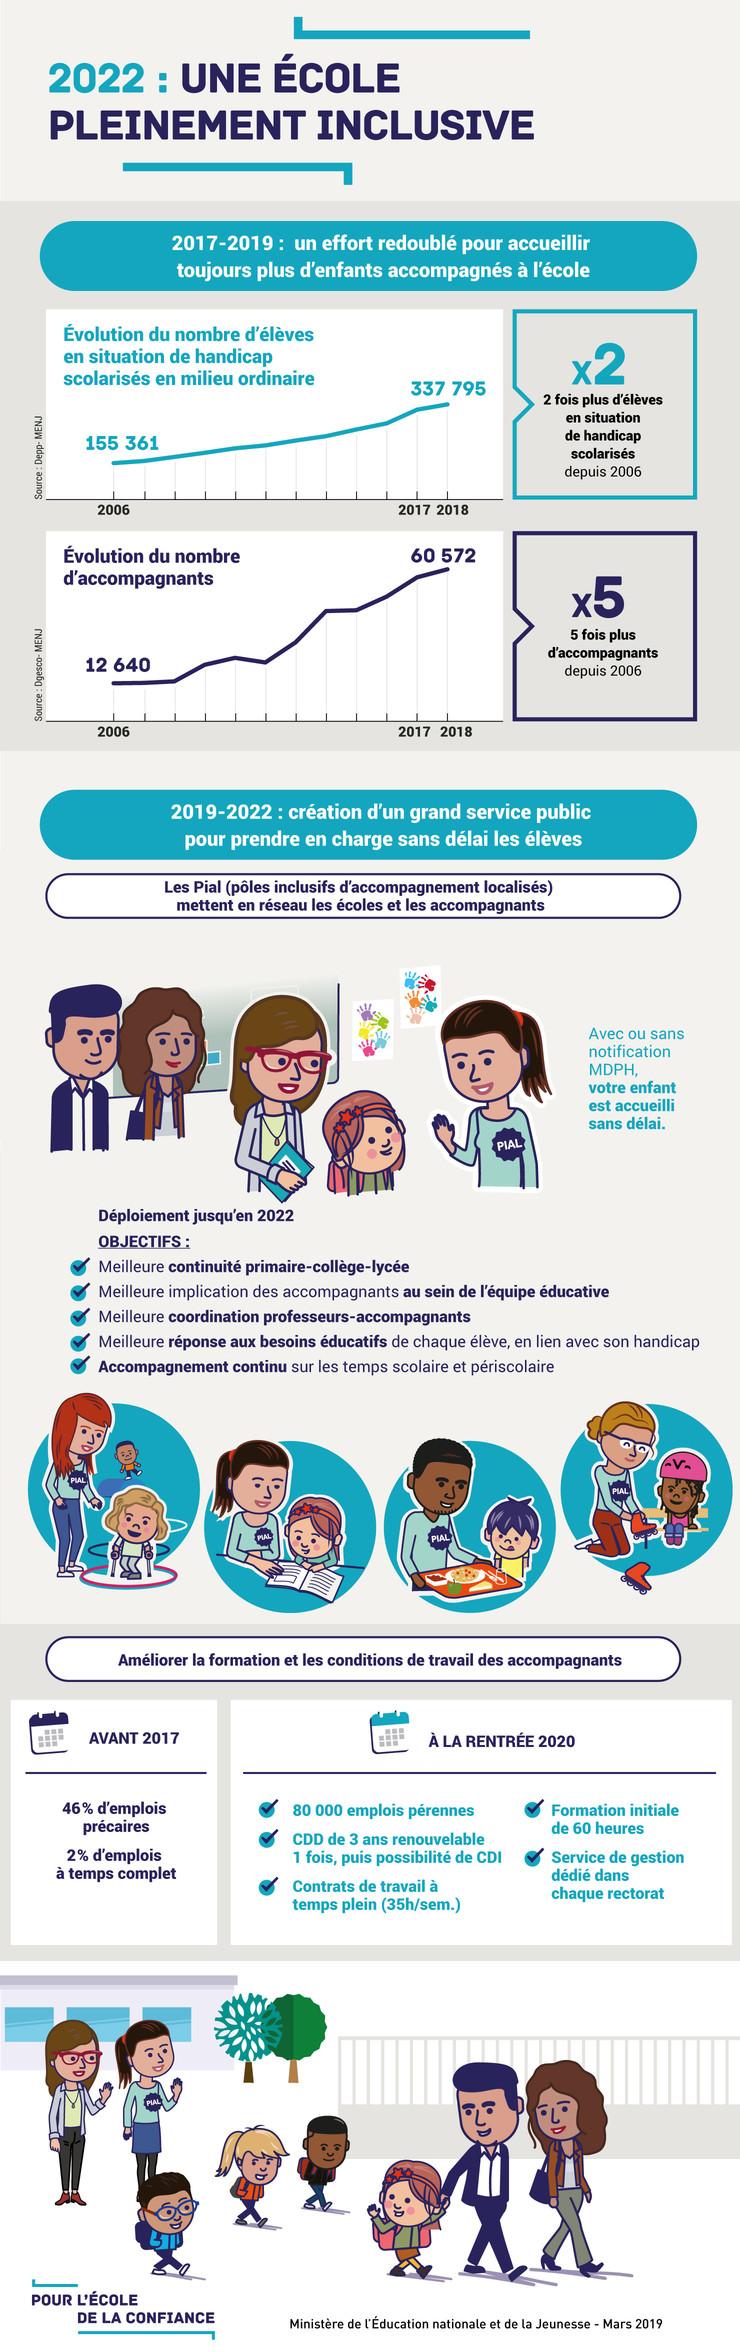 Infographie - 2022 : une école pleinement inclusive